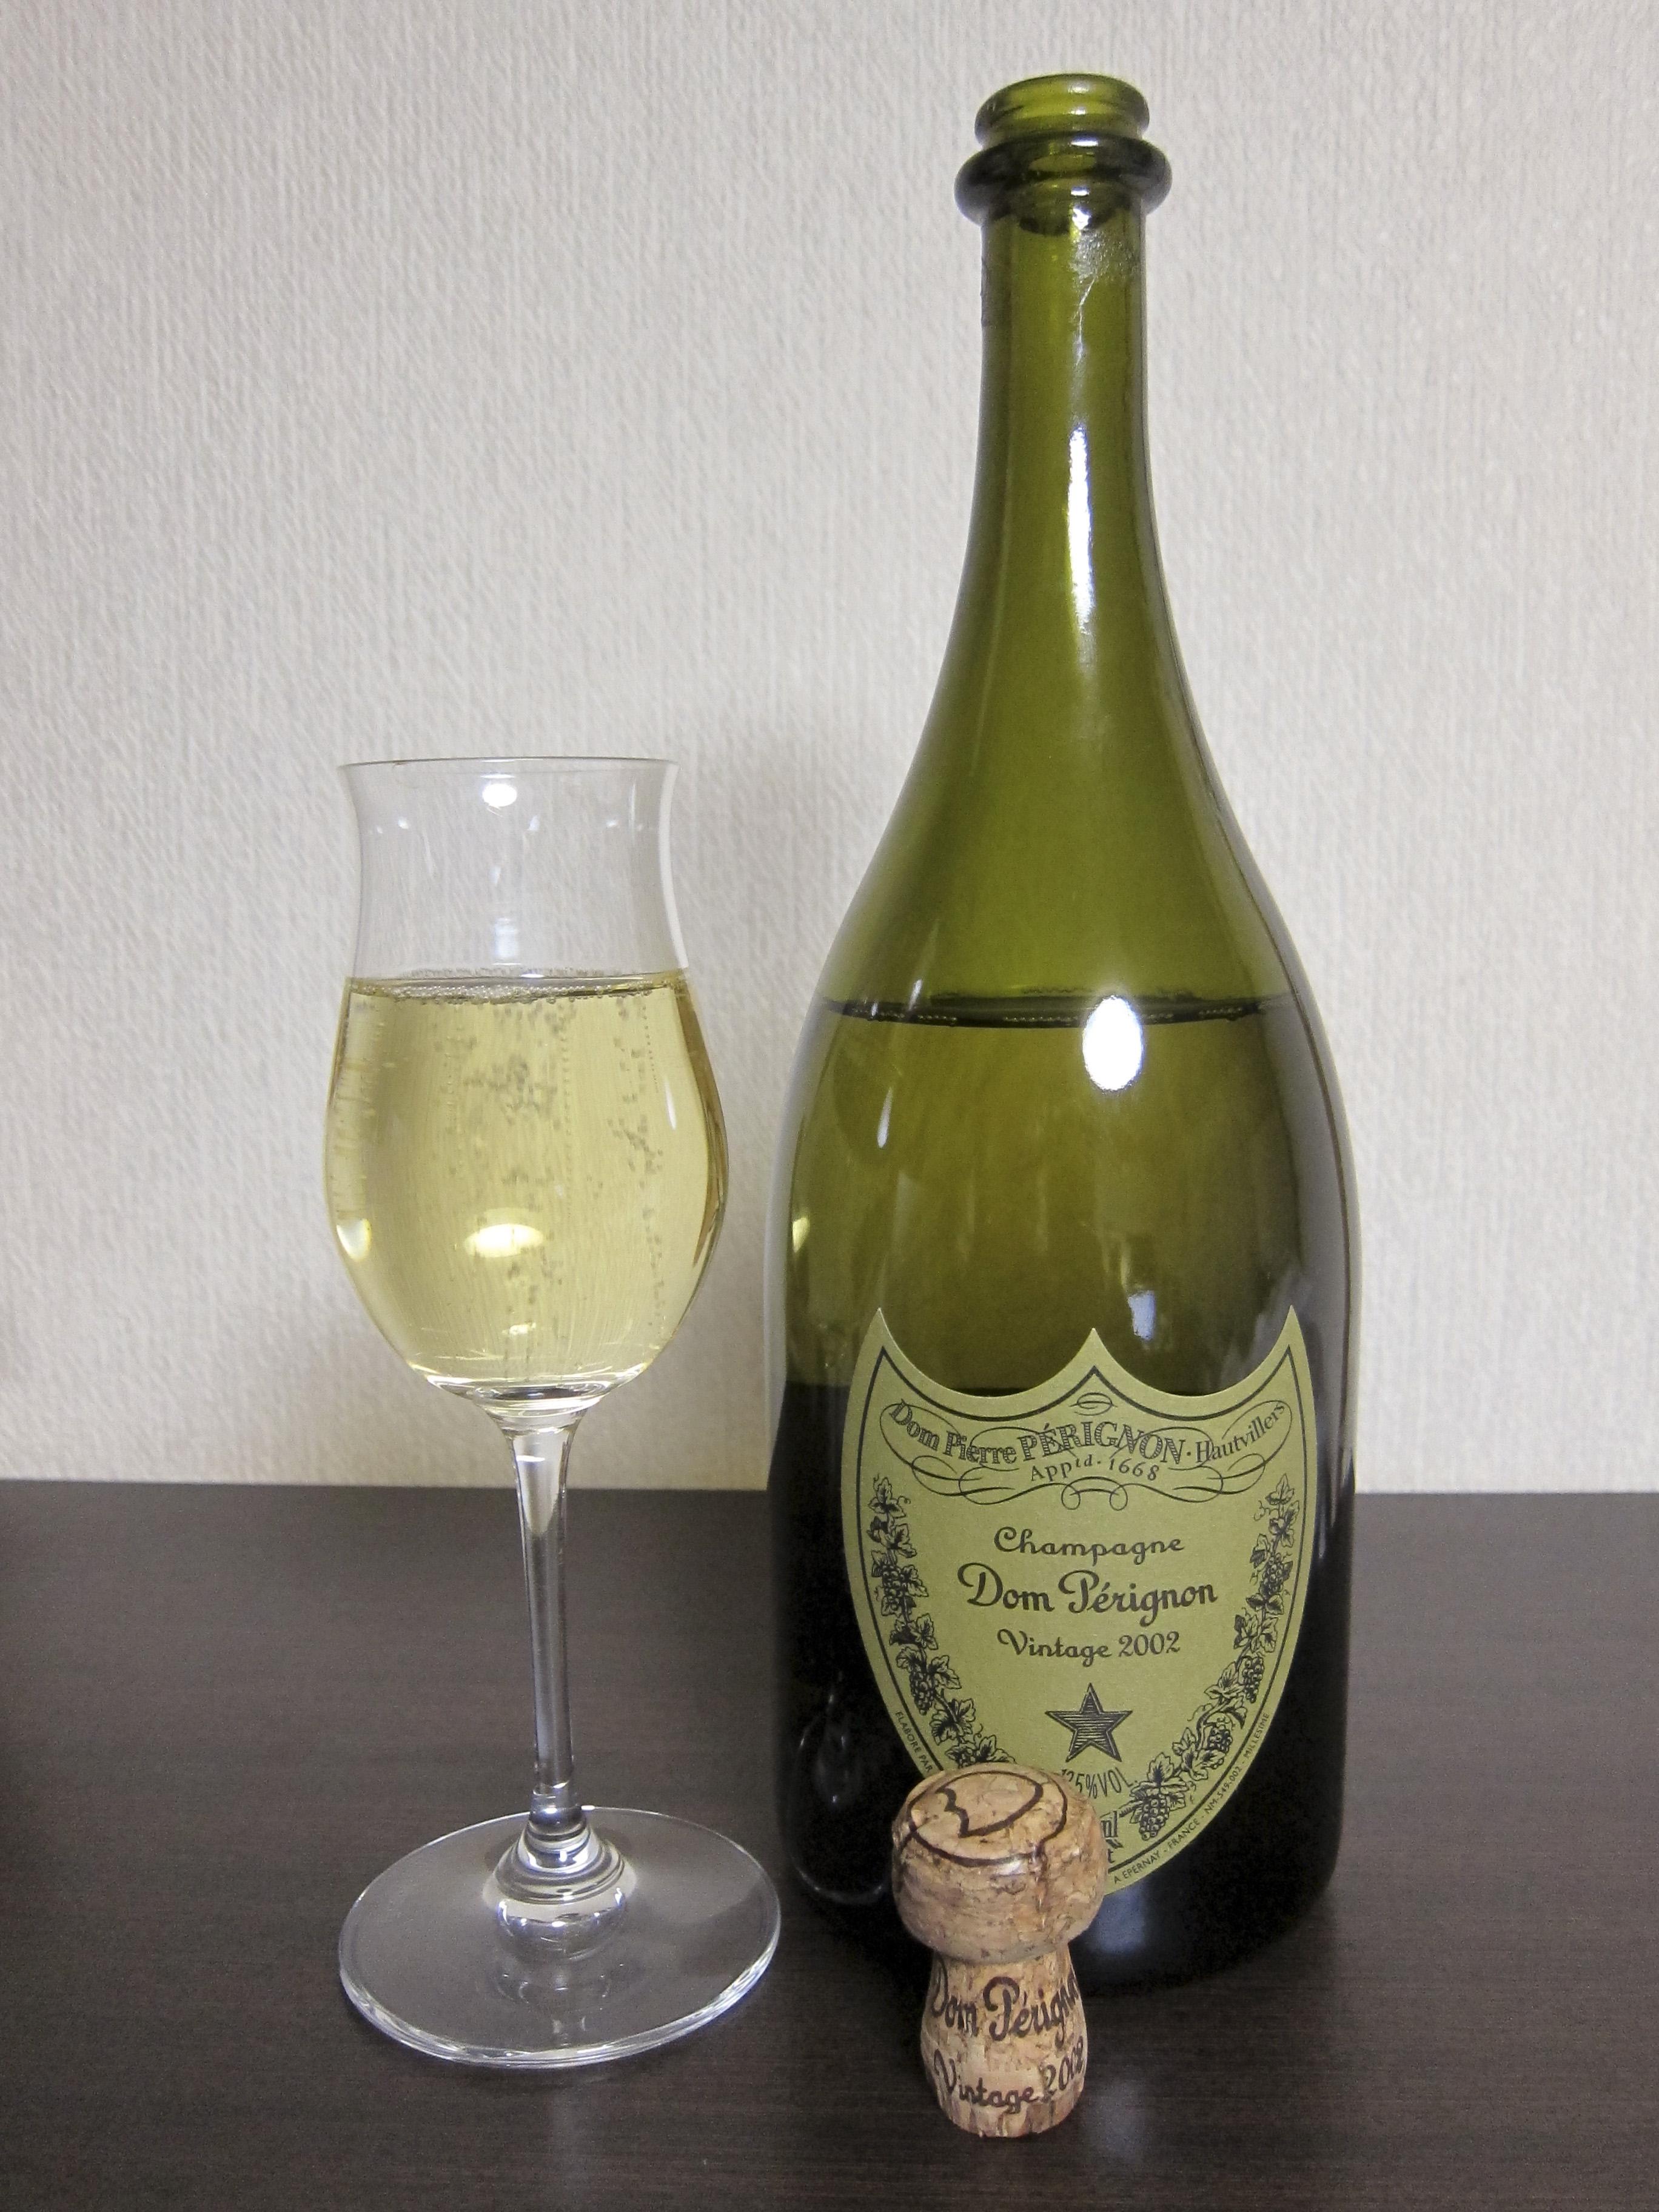 ドンペリニョン Dom Perignon  7yo  2002  (12.5%, OB, AOC Champagne)